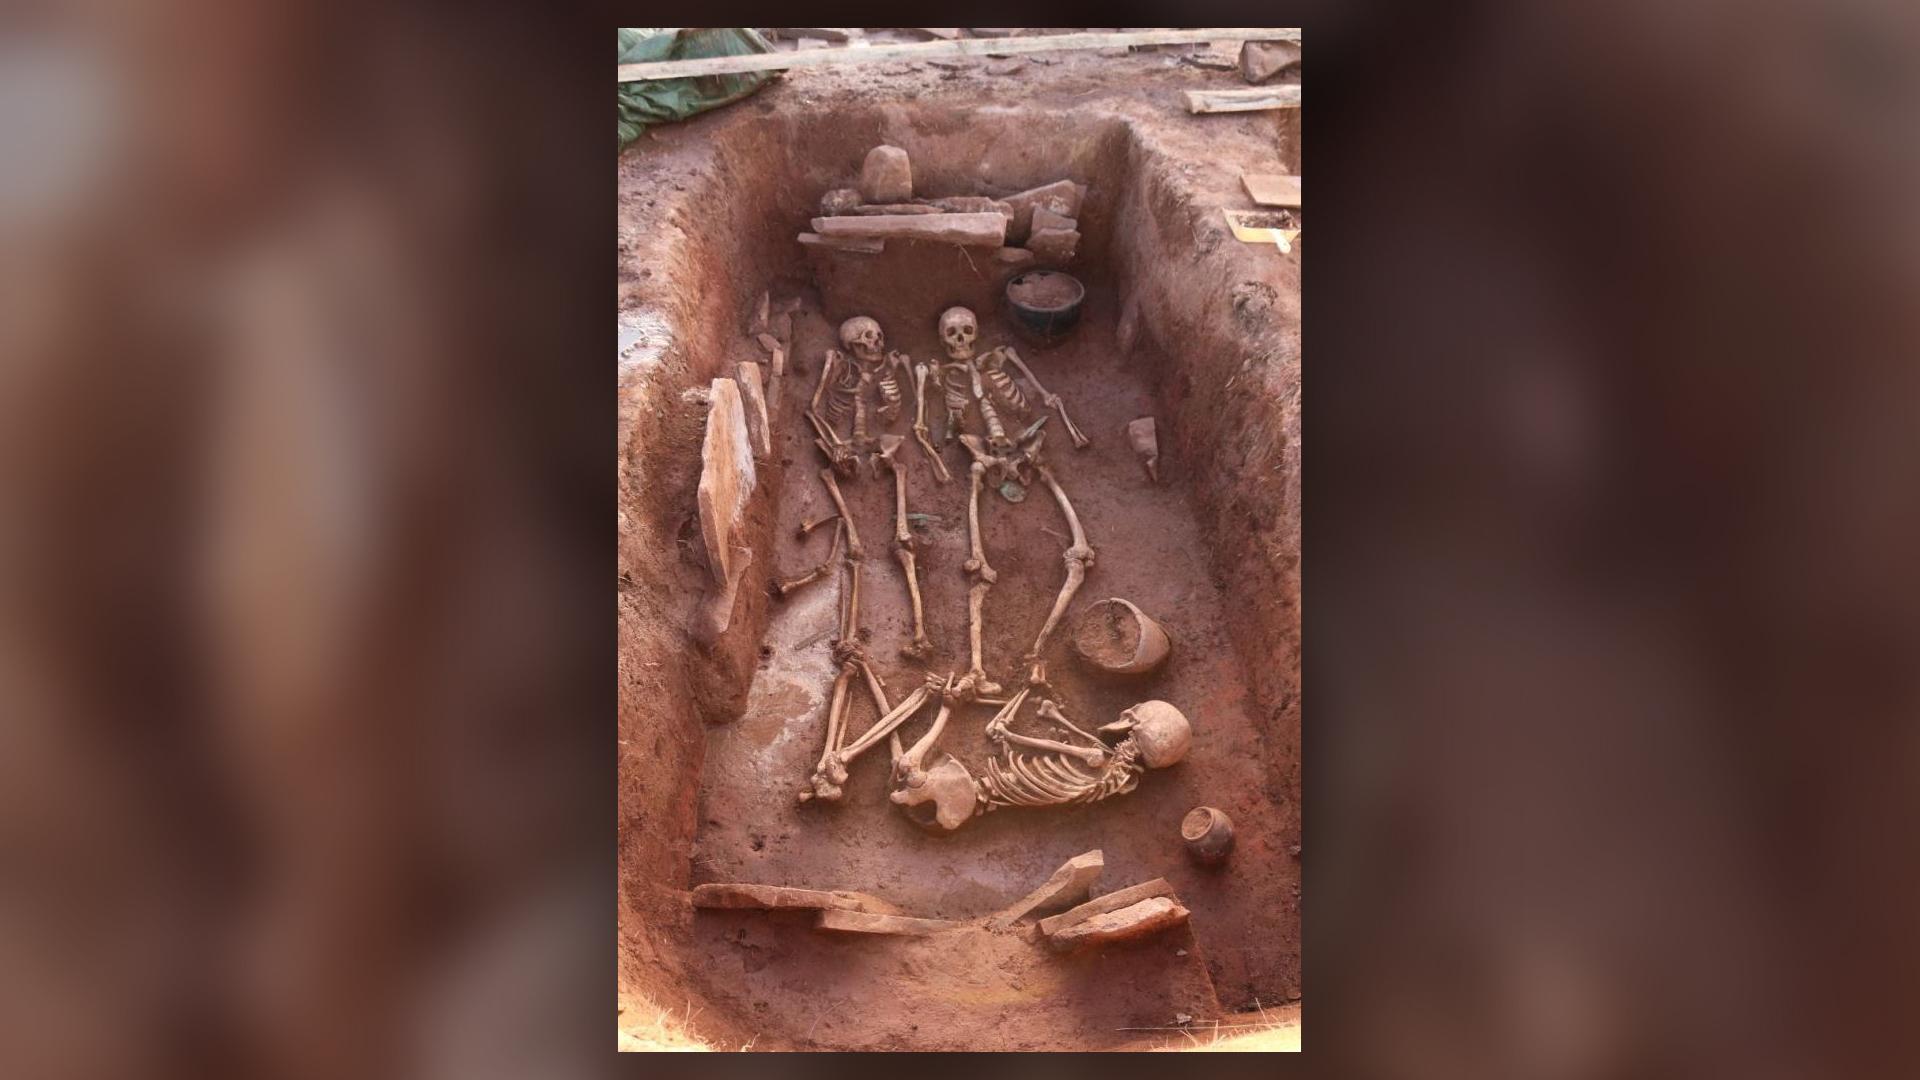 Un homme, deux femmes et un enfant ont été enterrés dans cette tombe il y a environ 2500 ans dans ce qui est aujourd'hui la Sibérie.